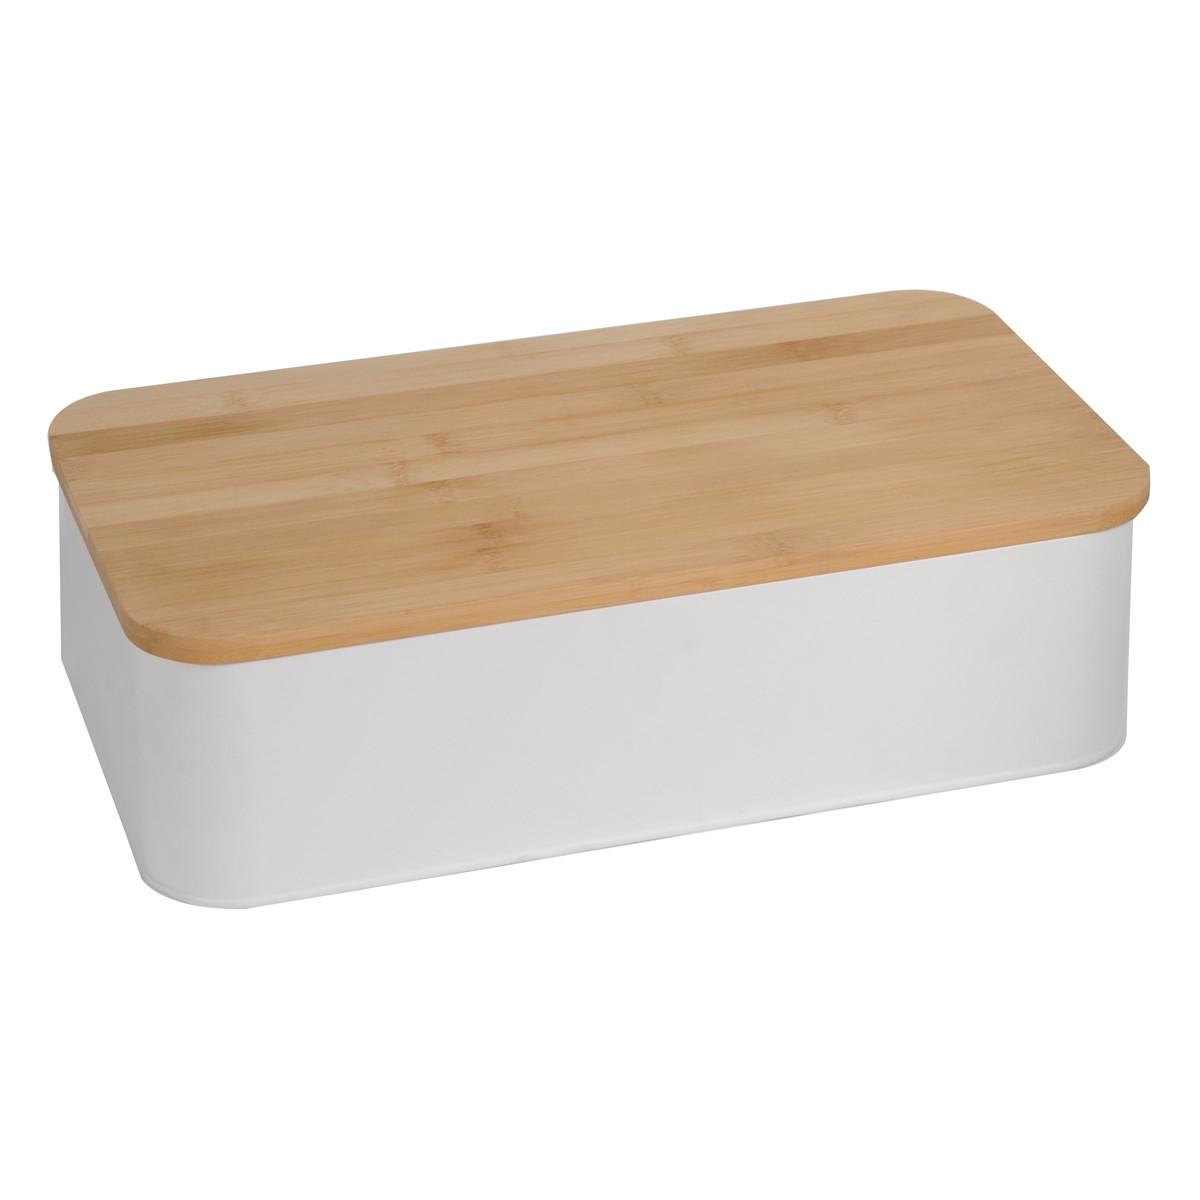 Ψωμιέρα εstia Matte White 01-3647 home   κουζίνα   τραπεζαρία   επιτραπέζια είδη